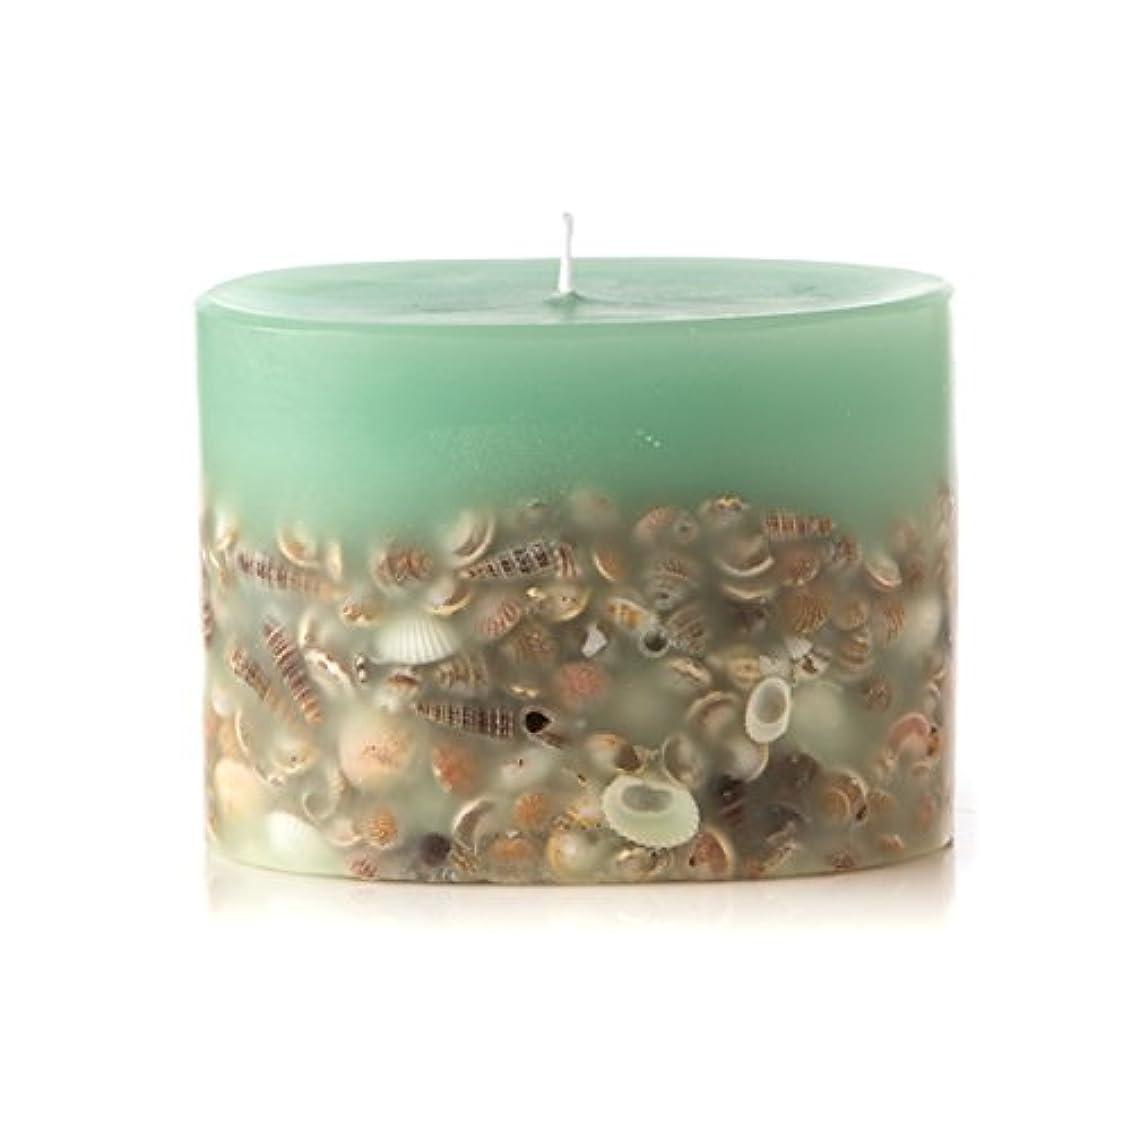 ギター気まぐれなビクターロージーリングス プティボタニカルキャンドル シーグラス ROSY RINGS Petite Oval Botanical Candle Sea Glass